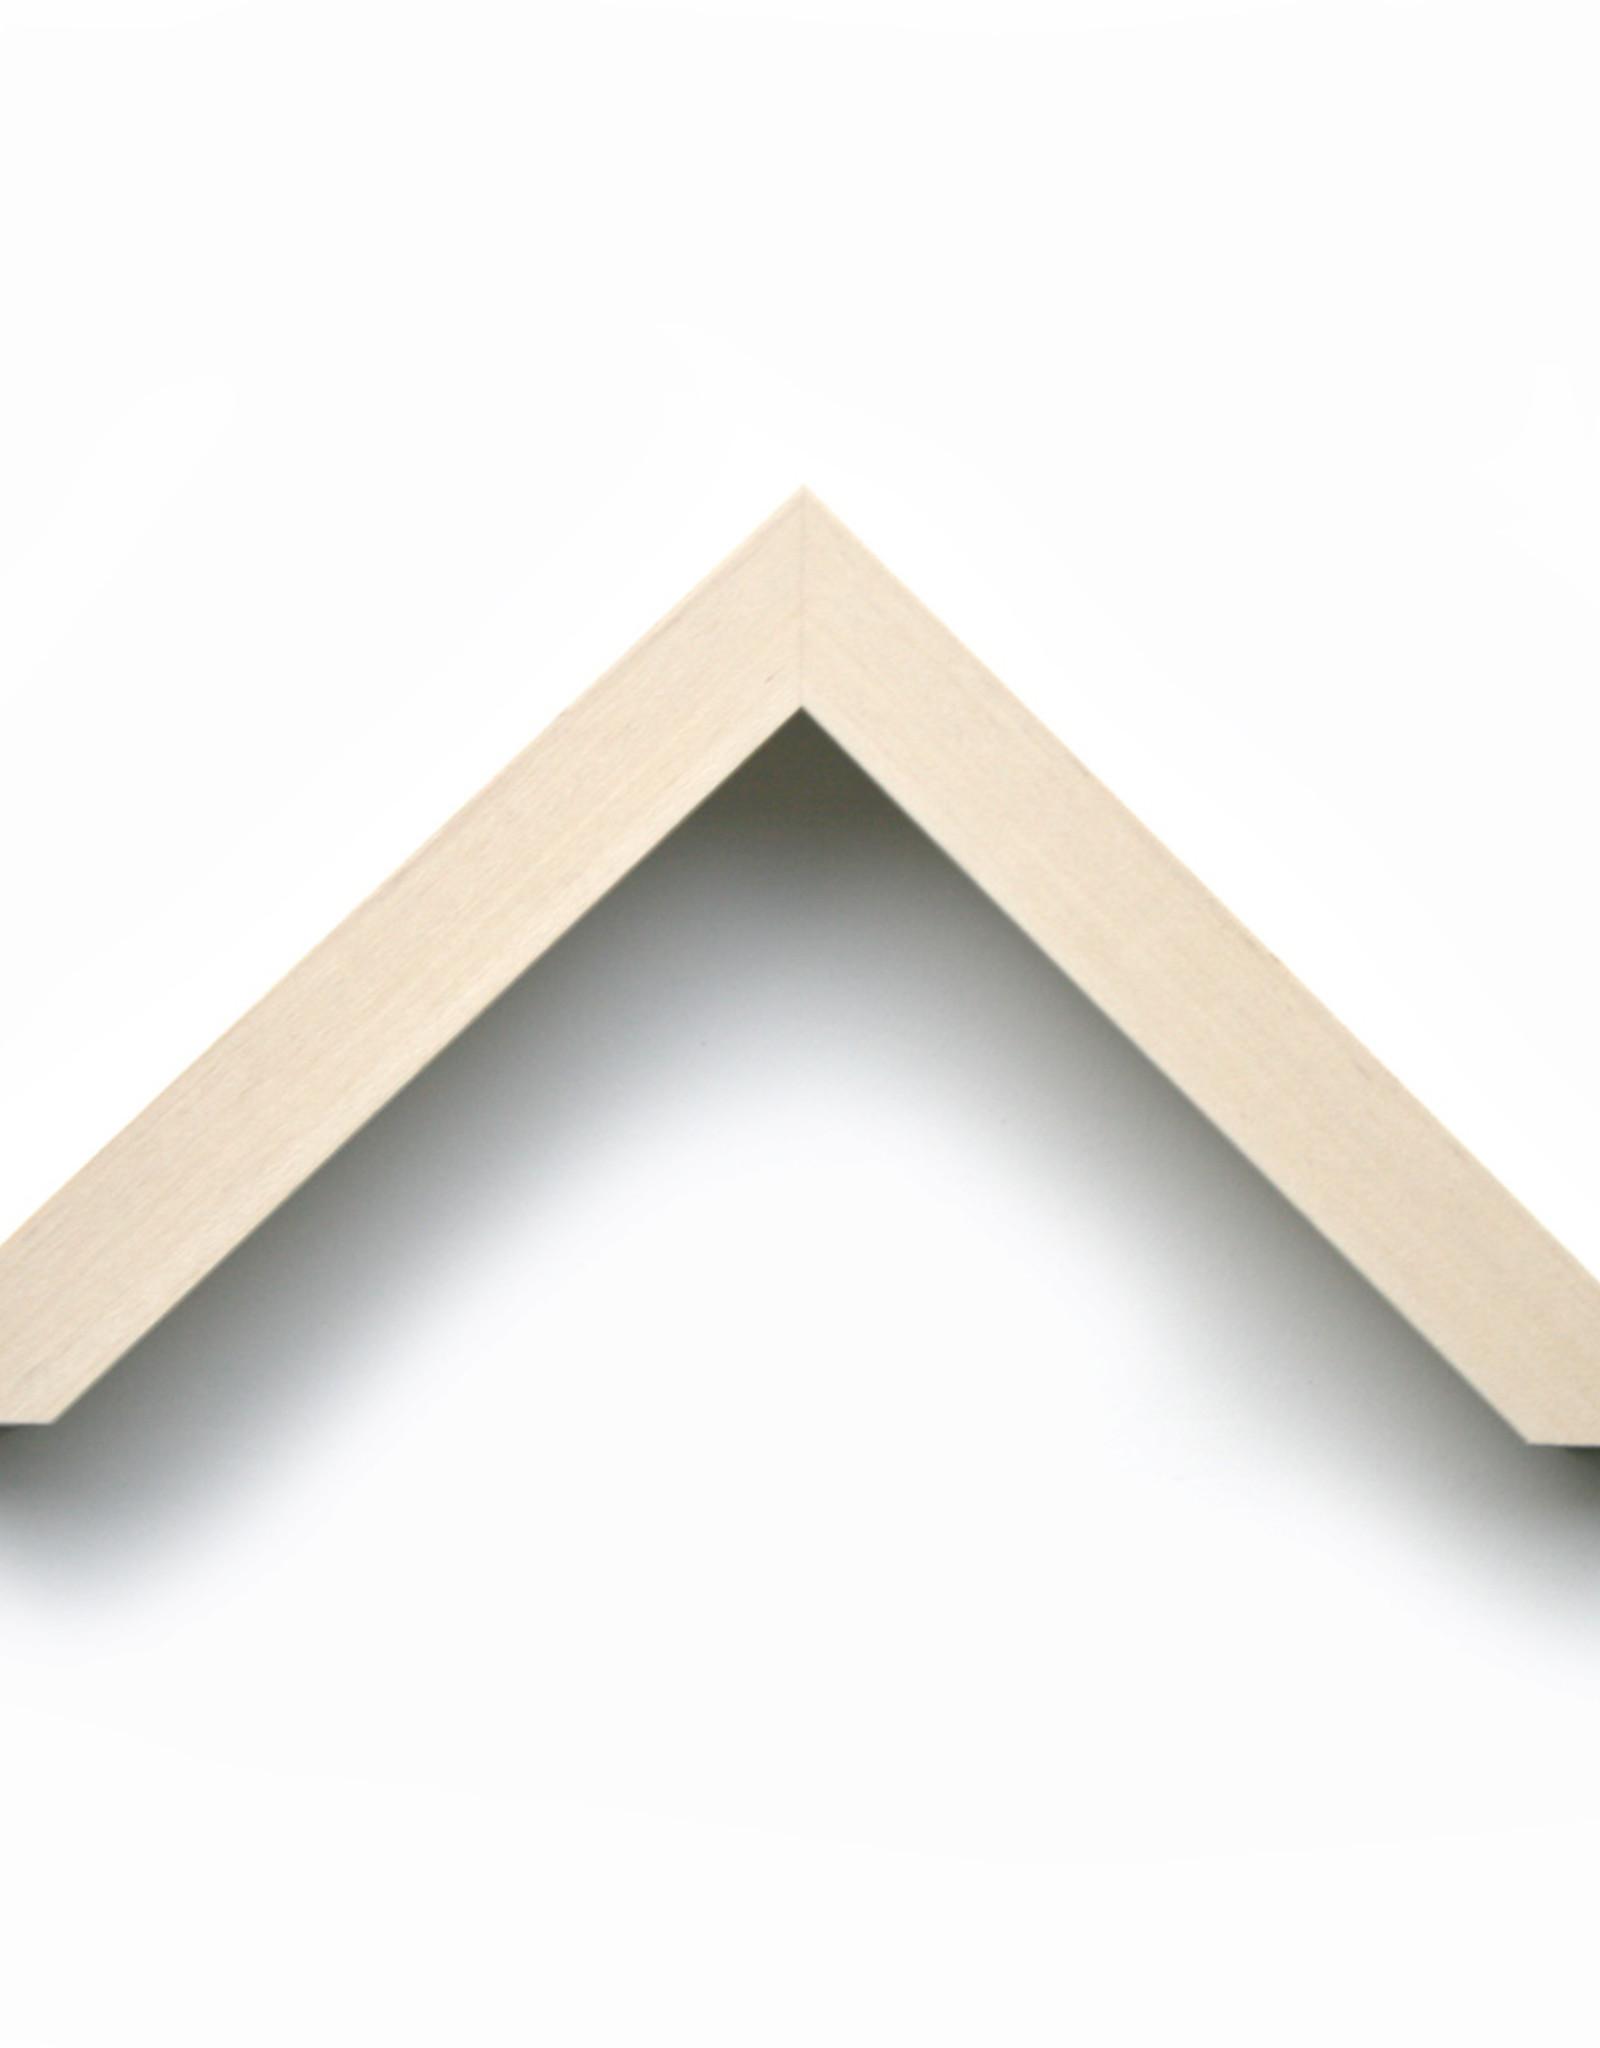 Barth¨ (Larson Juhl) Wissellijst 70x100 Barth profiel 18x28mm(210)